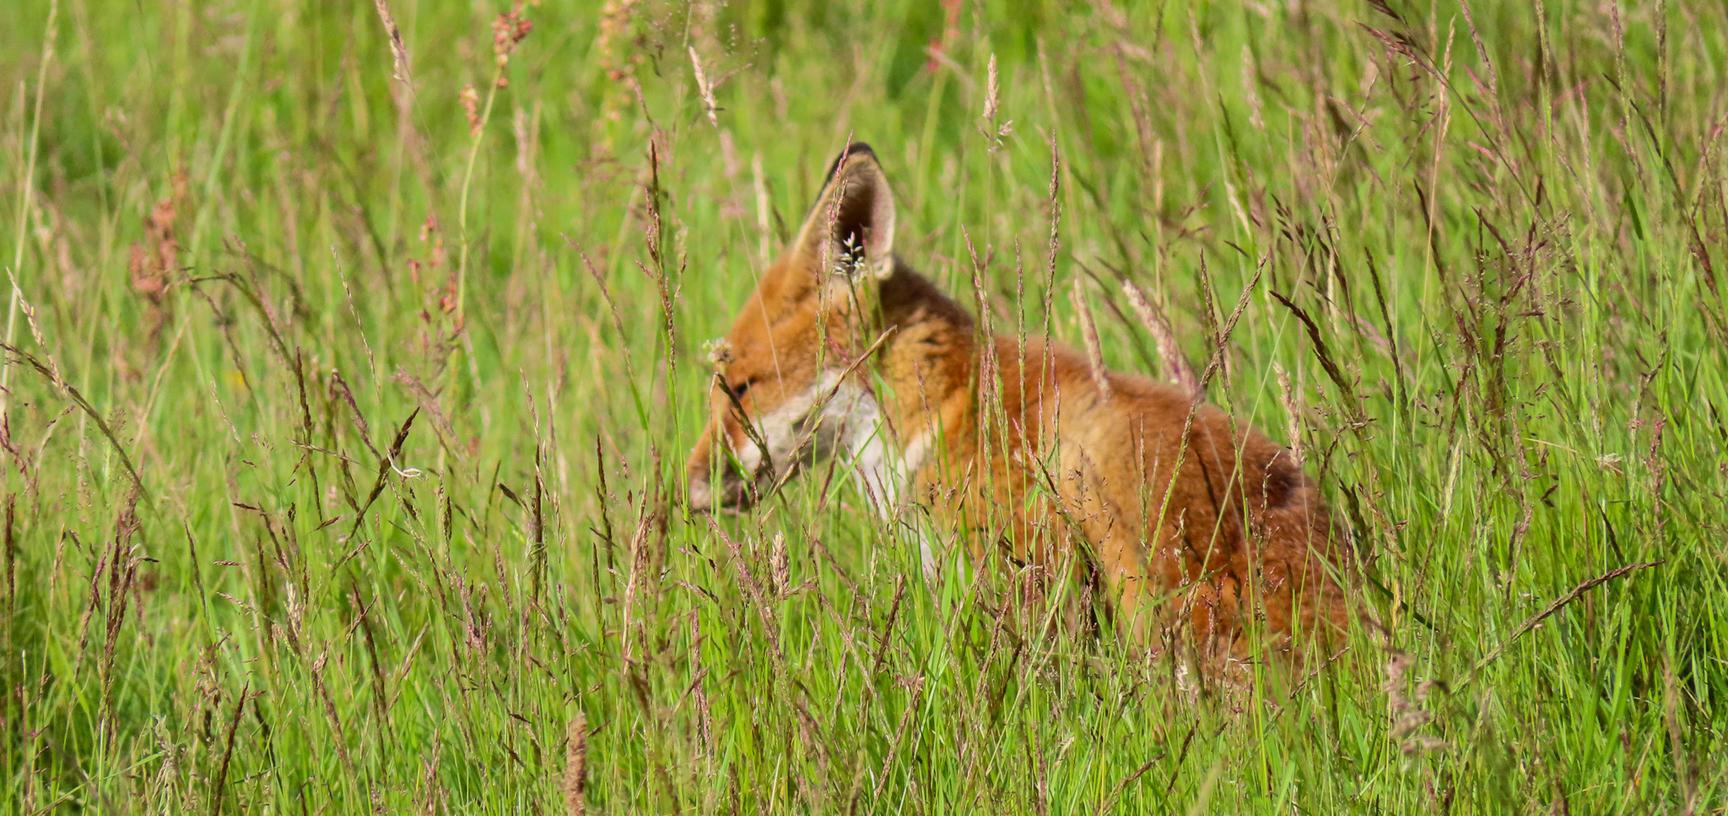 arboretum  fox  meadow  img 8738 2